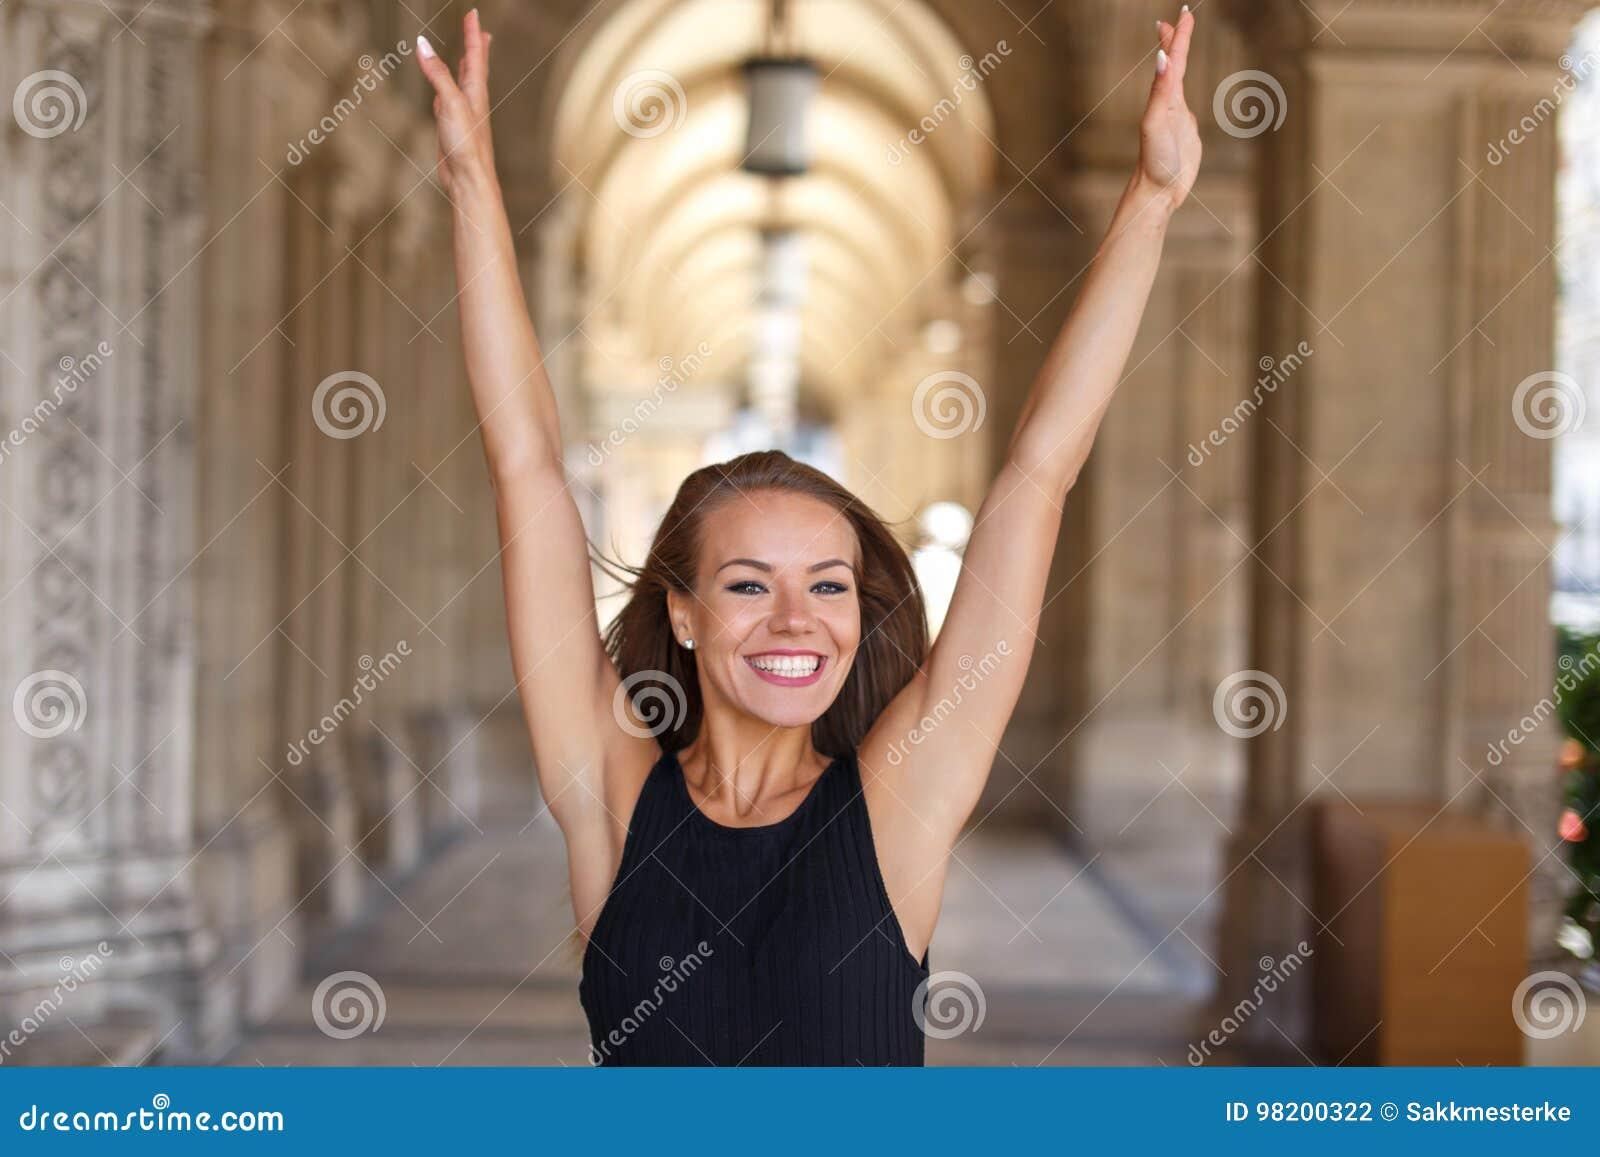 Download Счастливые руки молодой женщины вверх в городе Стоковое Фото - изображение насчитывающей снаружи, естественно: 98200322